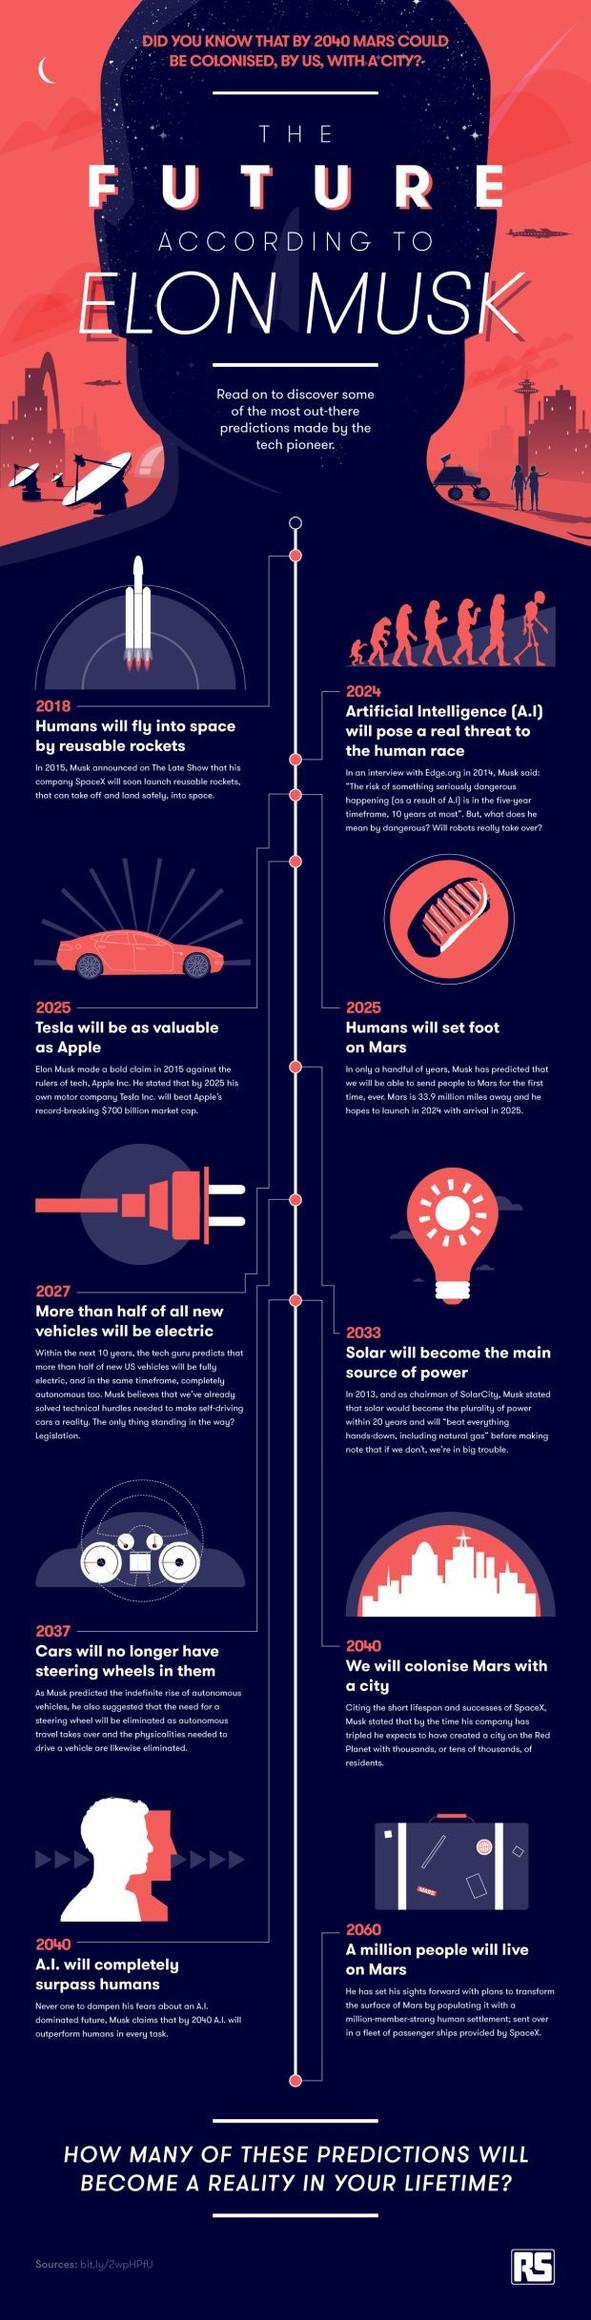 O futuro, segundo Elon Musk